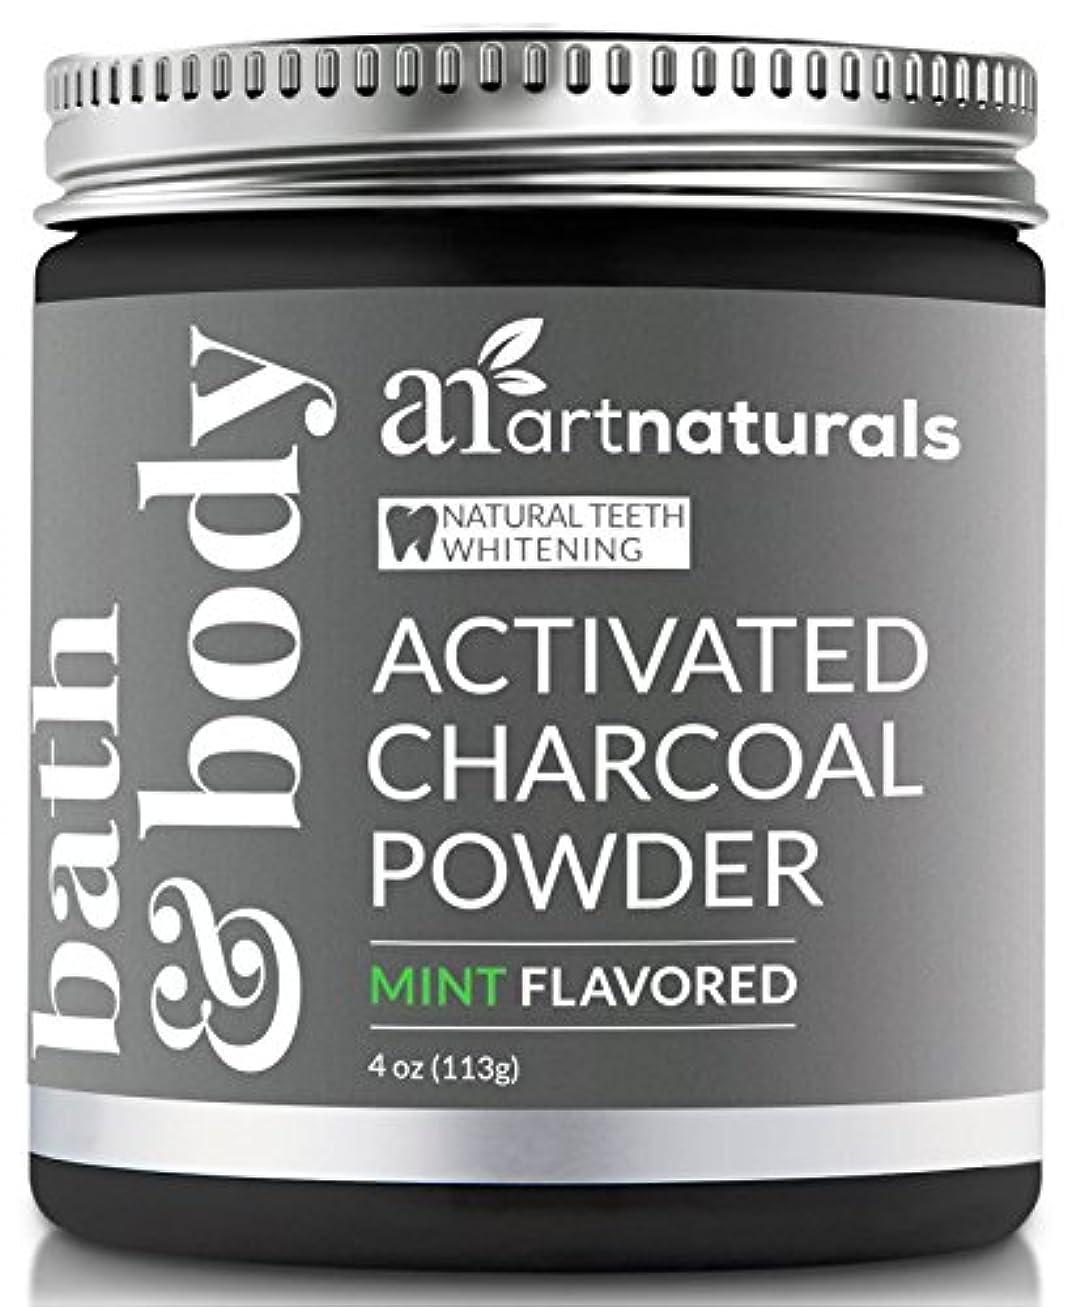 支給雑種検出可能ArtNaturals Teeth Whitening Charcoal Powder - (4 Oz / 113g) - Activated Charcoal for a Natural, Non-Abrassive...